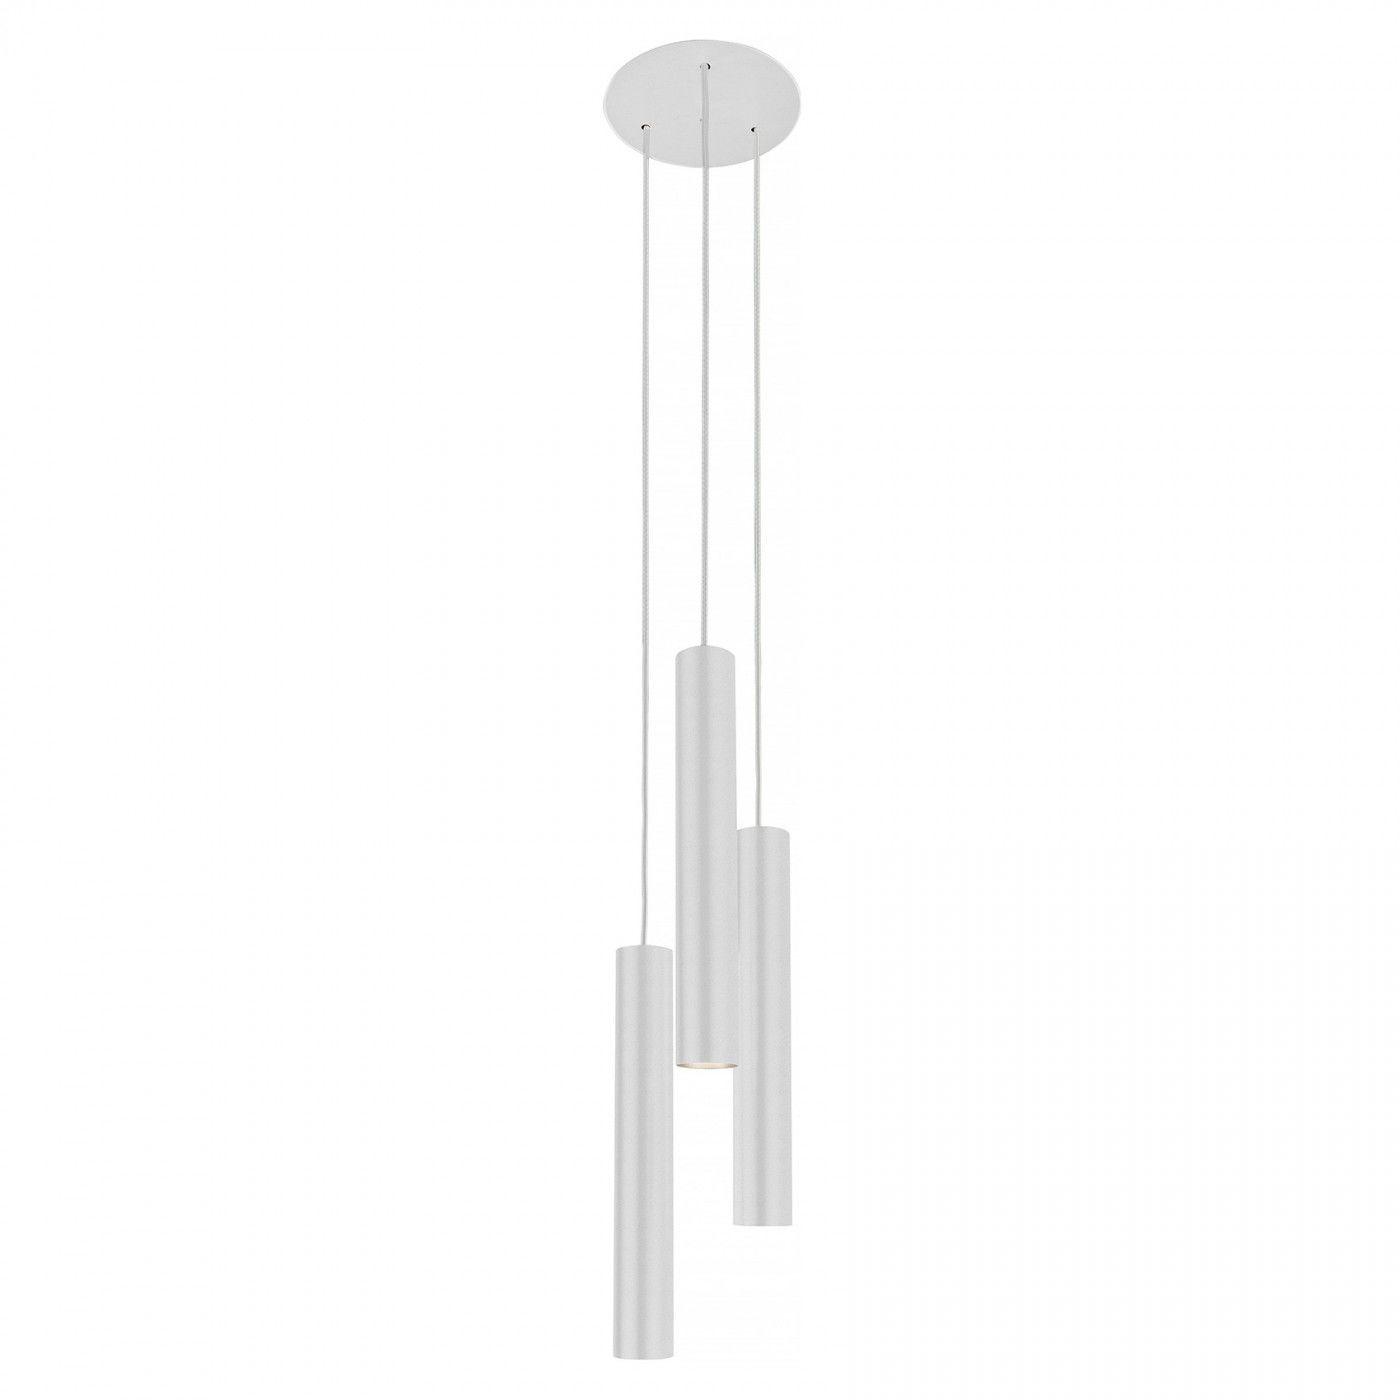 Lampa wisząca Eye L 8916 Nowodvorski Lighting potrójny biały zwis w nowoczesnym stylu